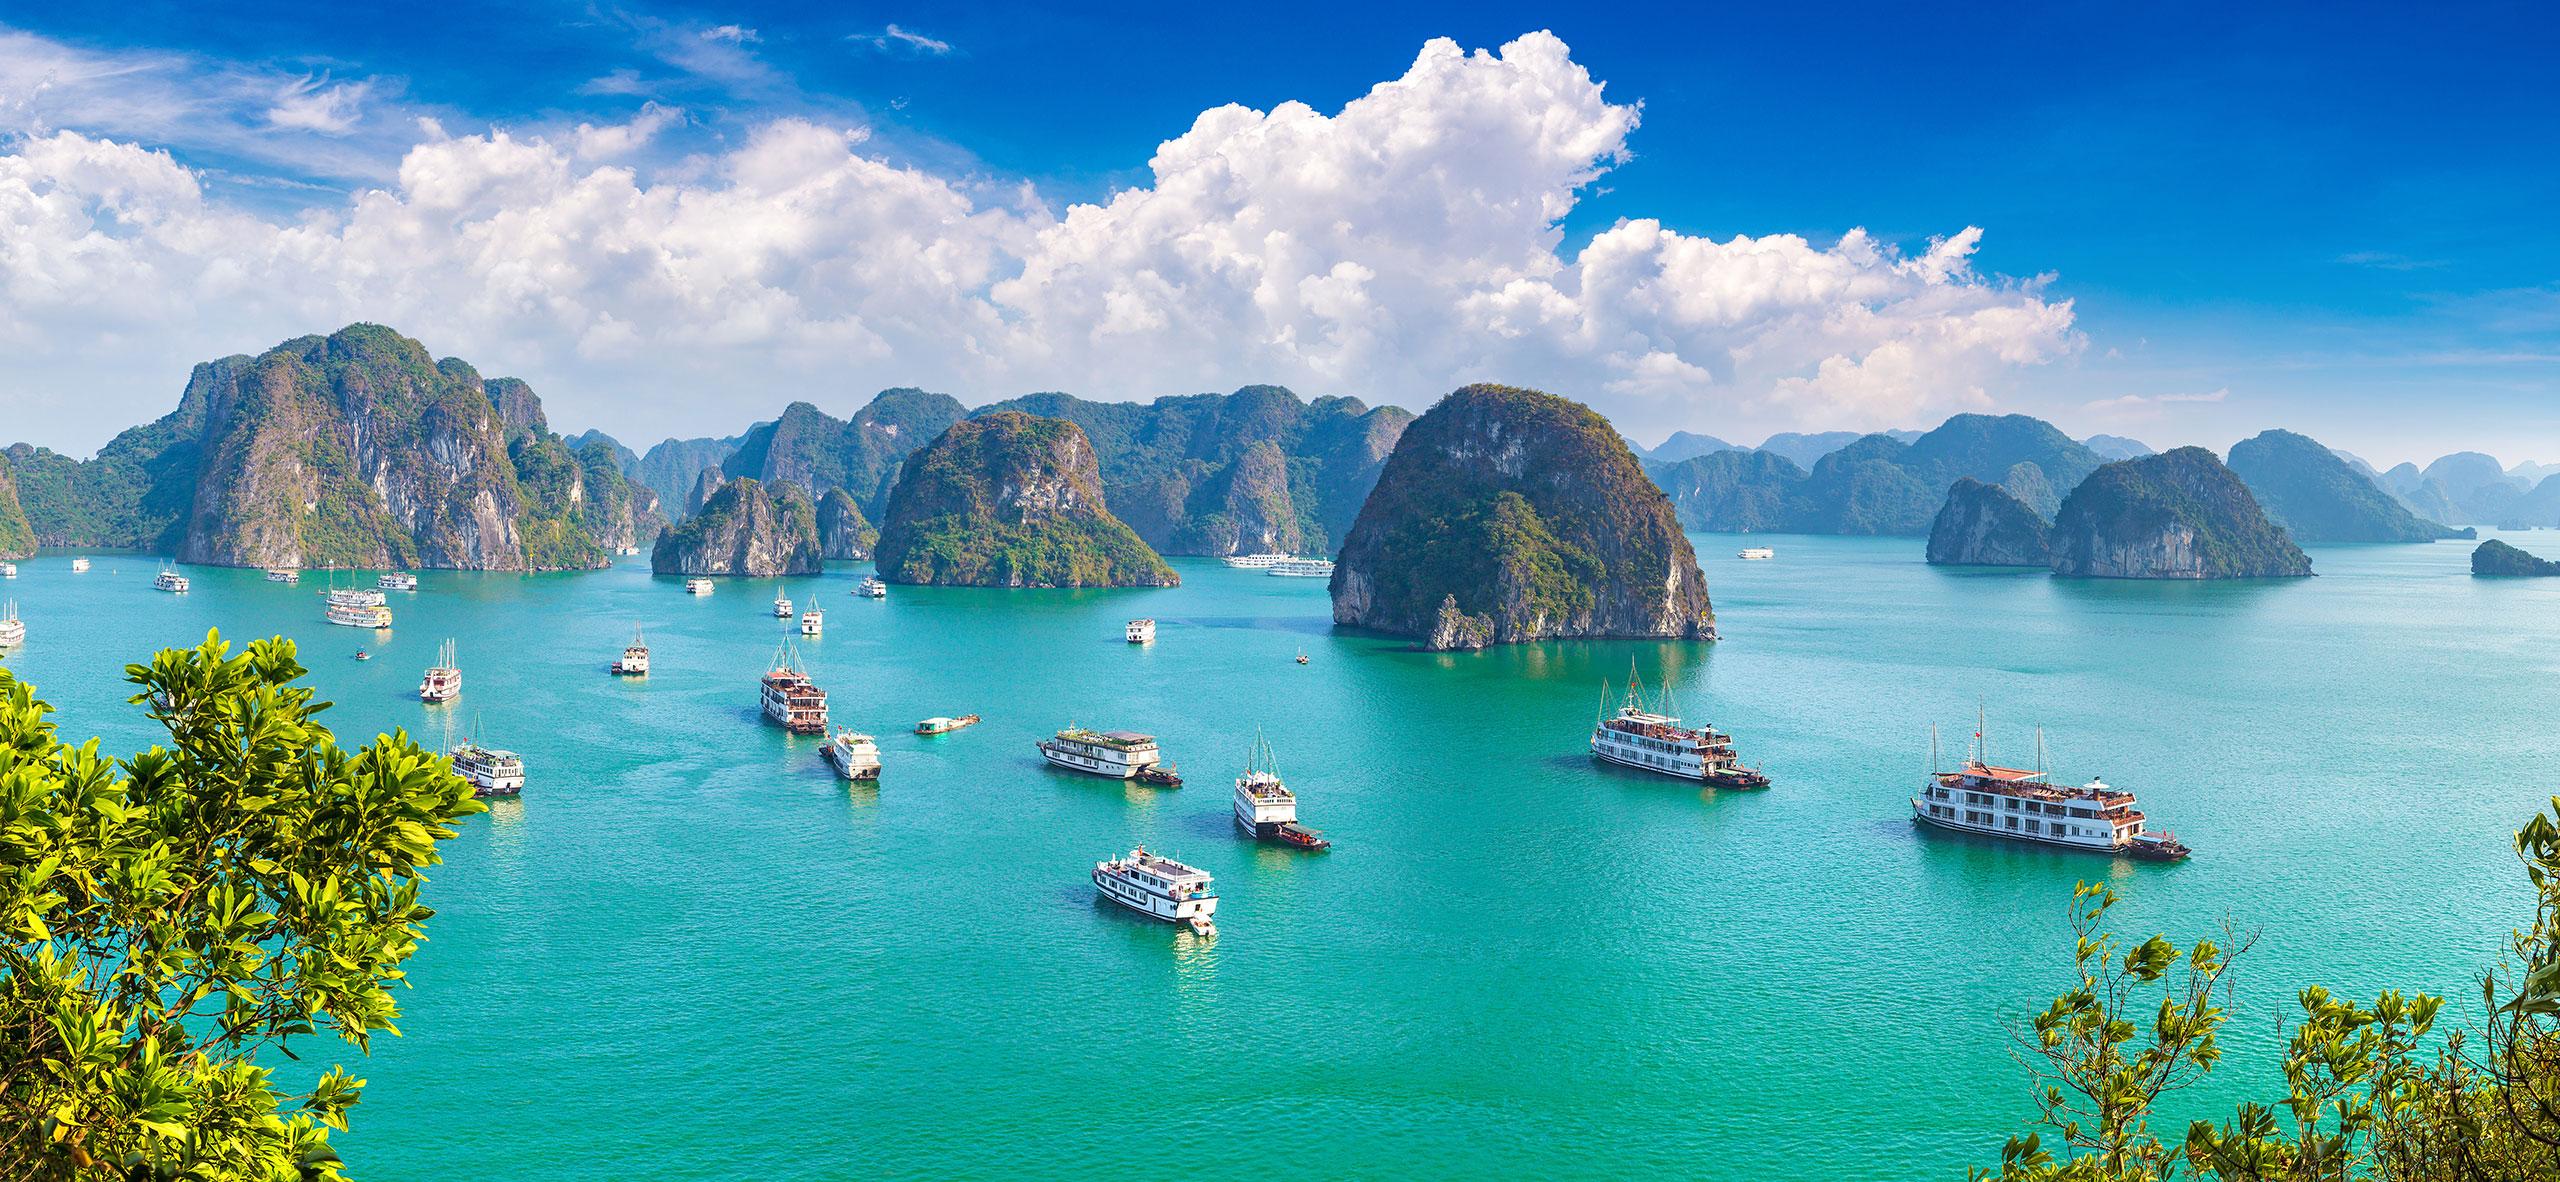 Ha Long Bay in Spring